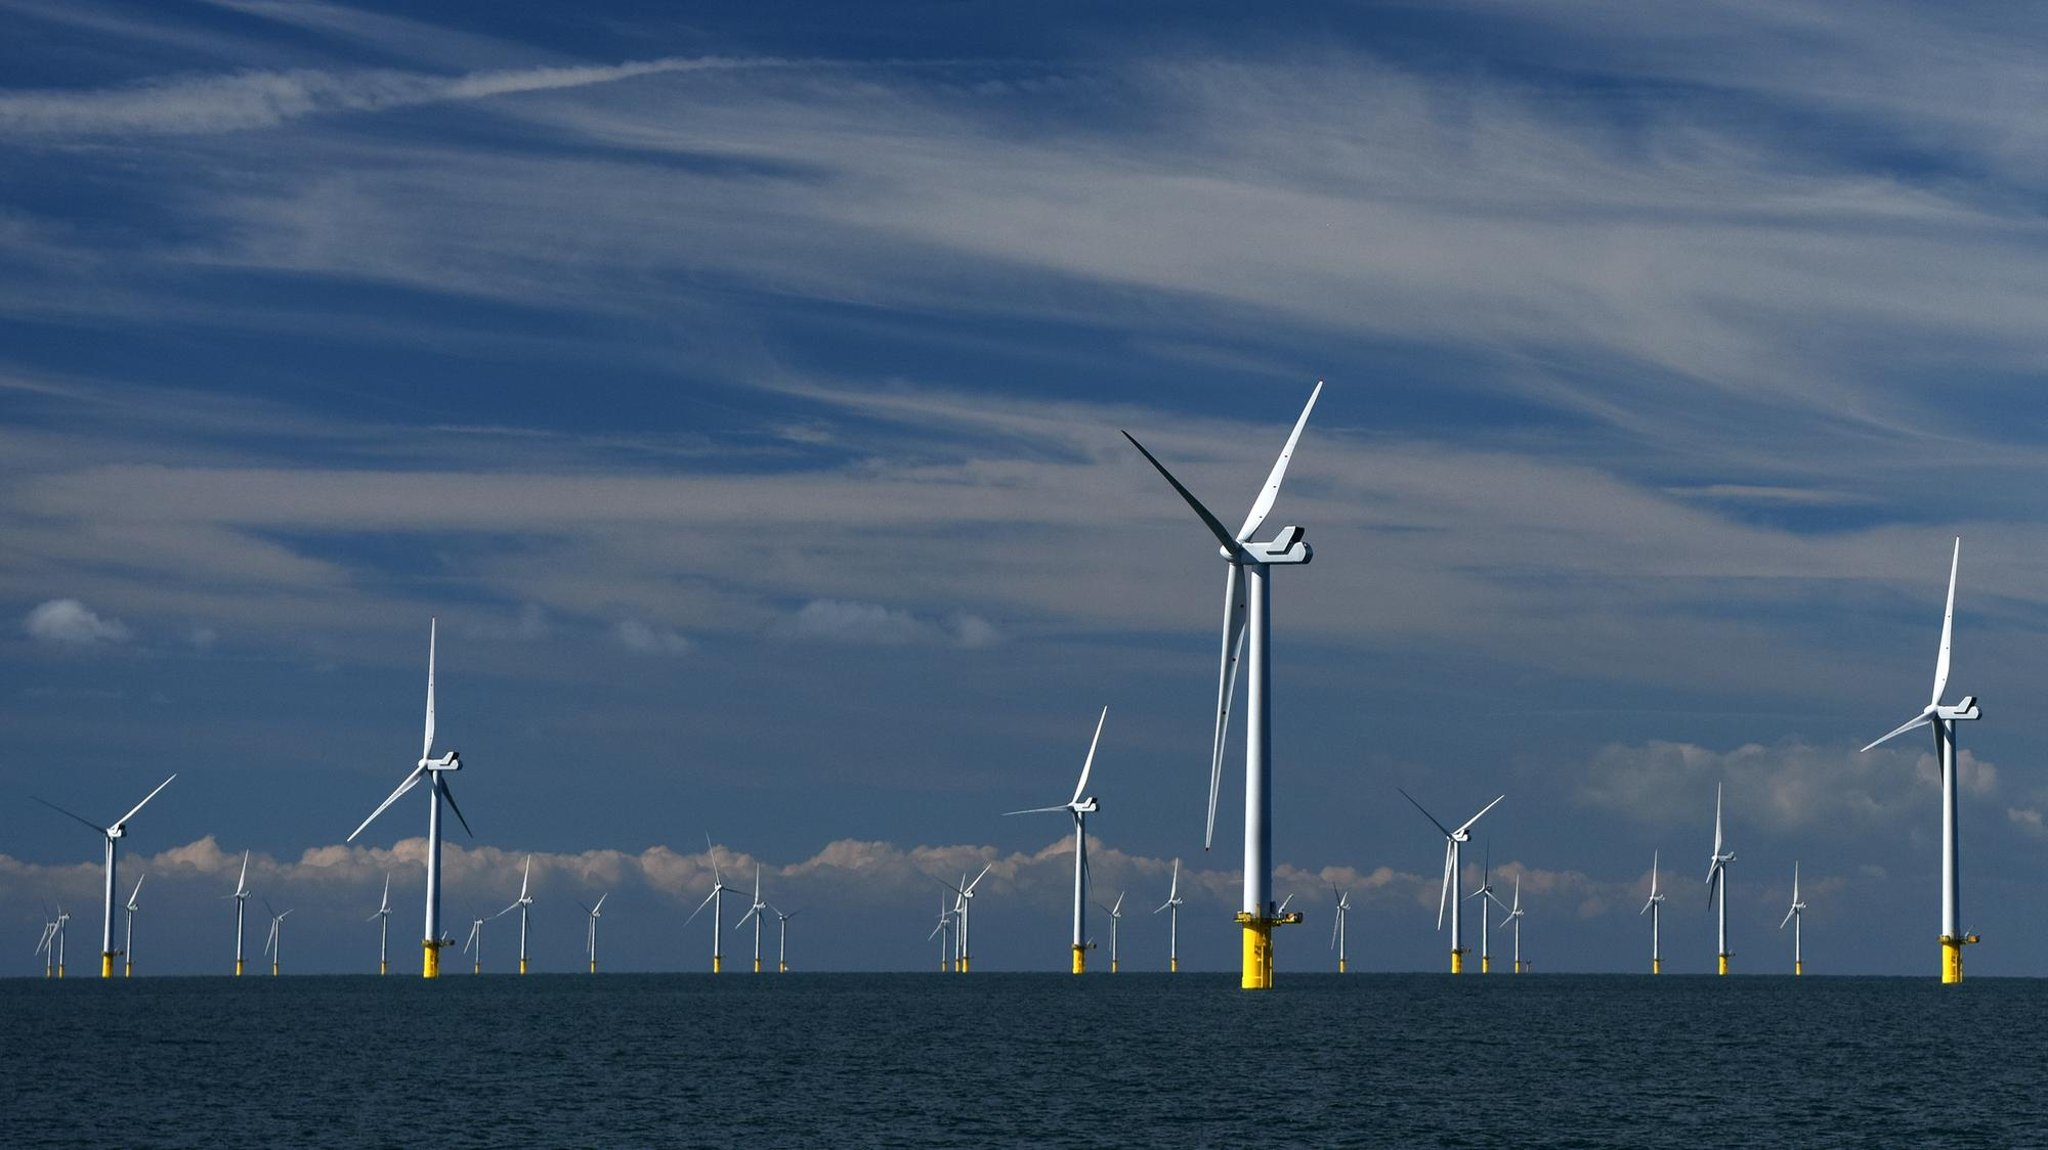 Kita perlu meningkatkan skala ambisi kita pada energi hijau – Christoph Harwood, Adrian de Andres dan Nichola Lacey